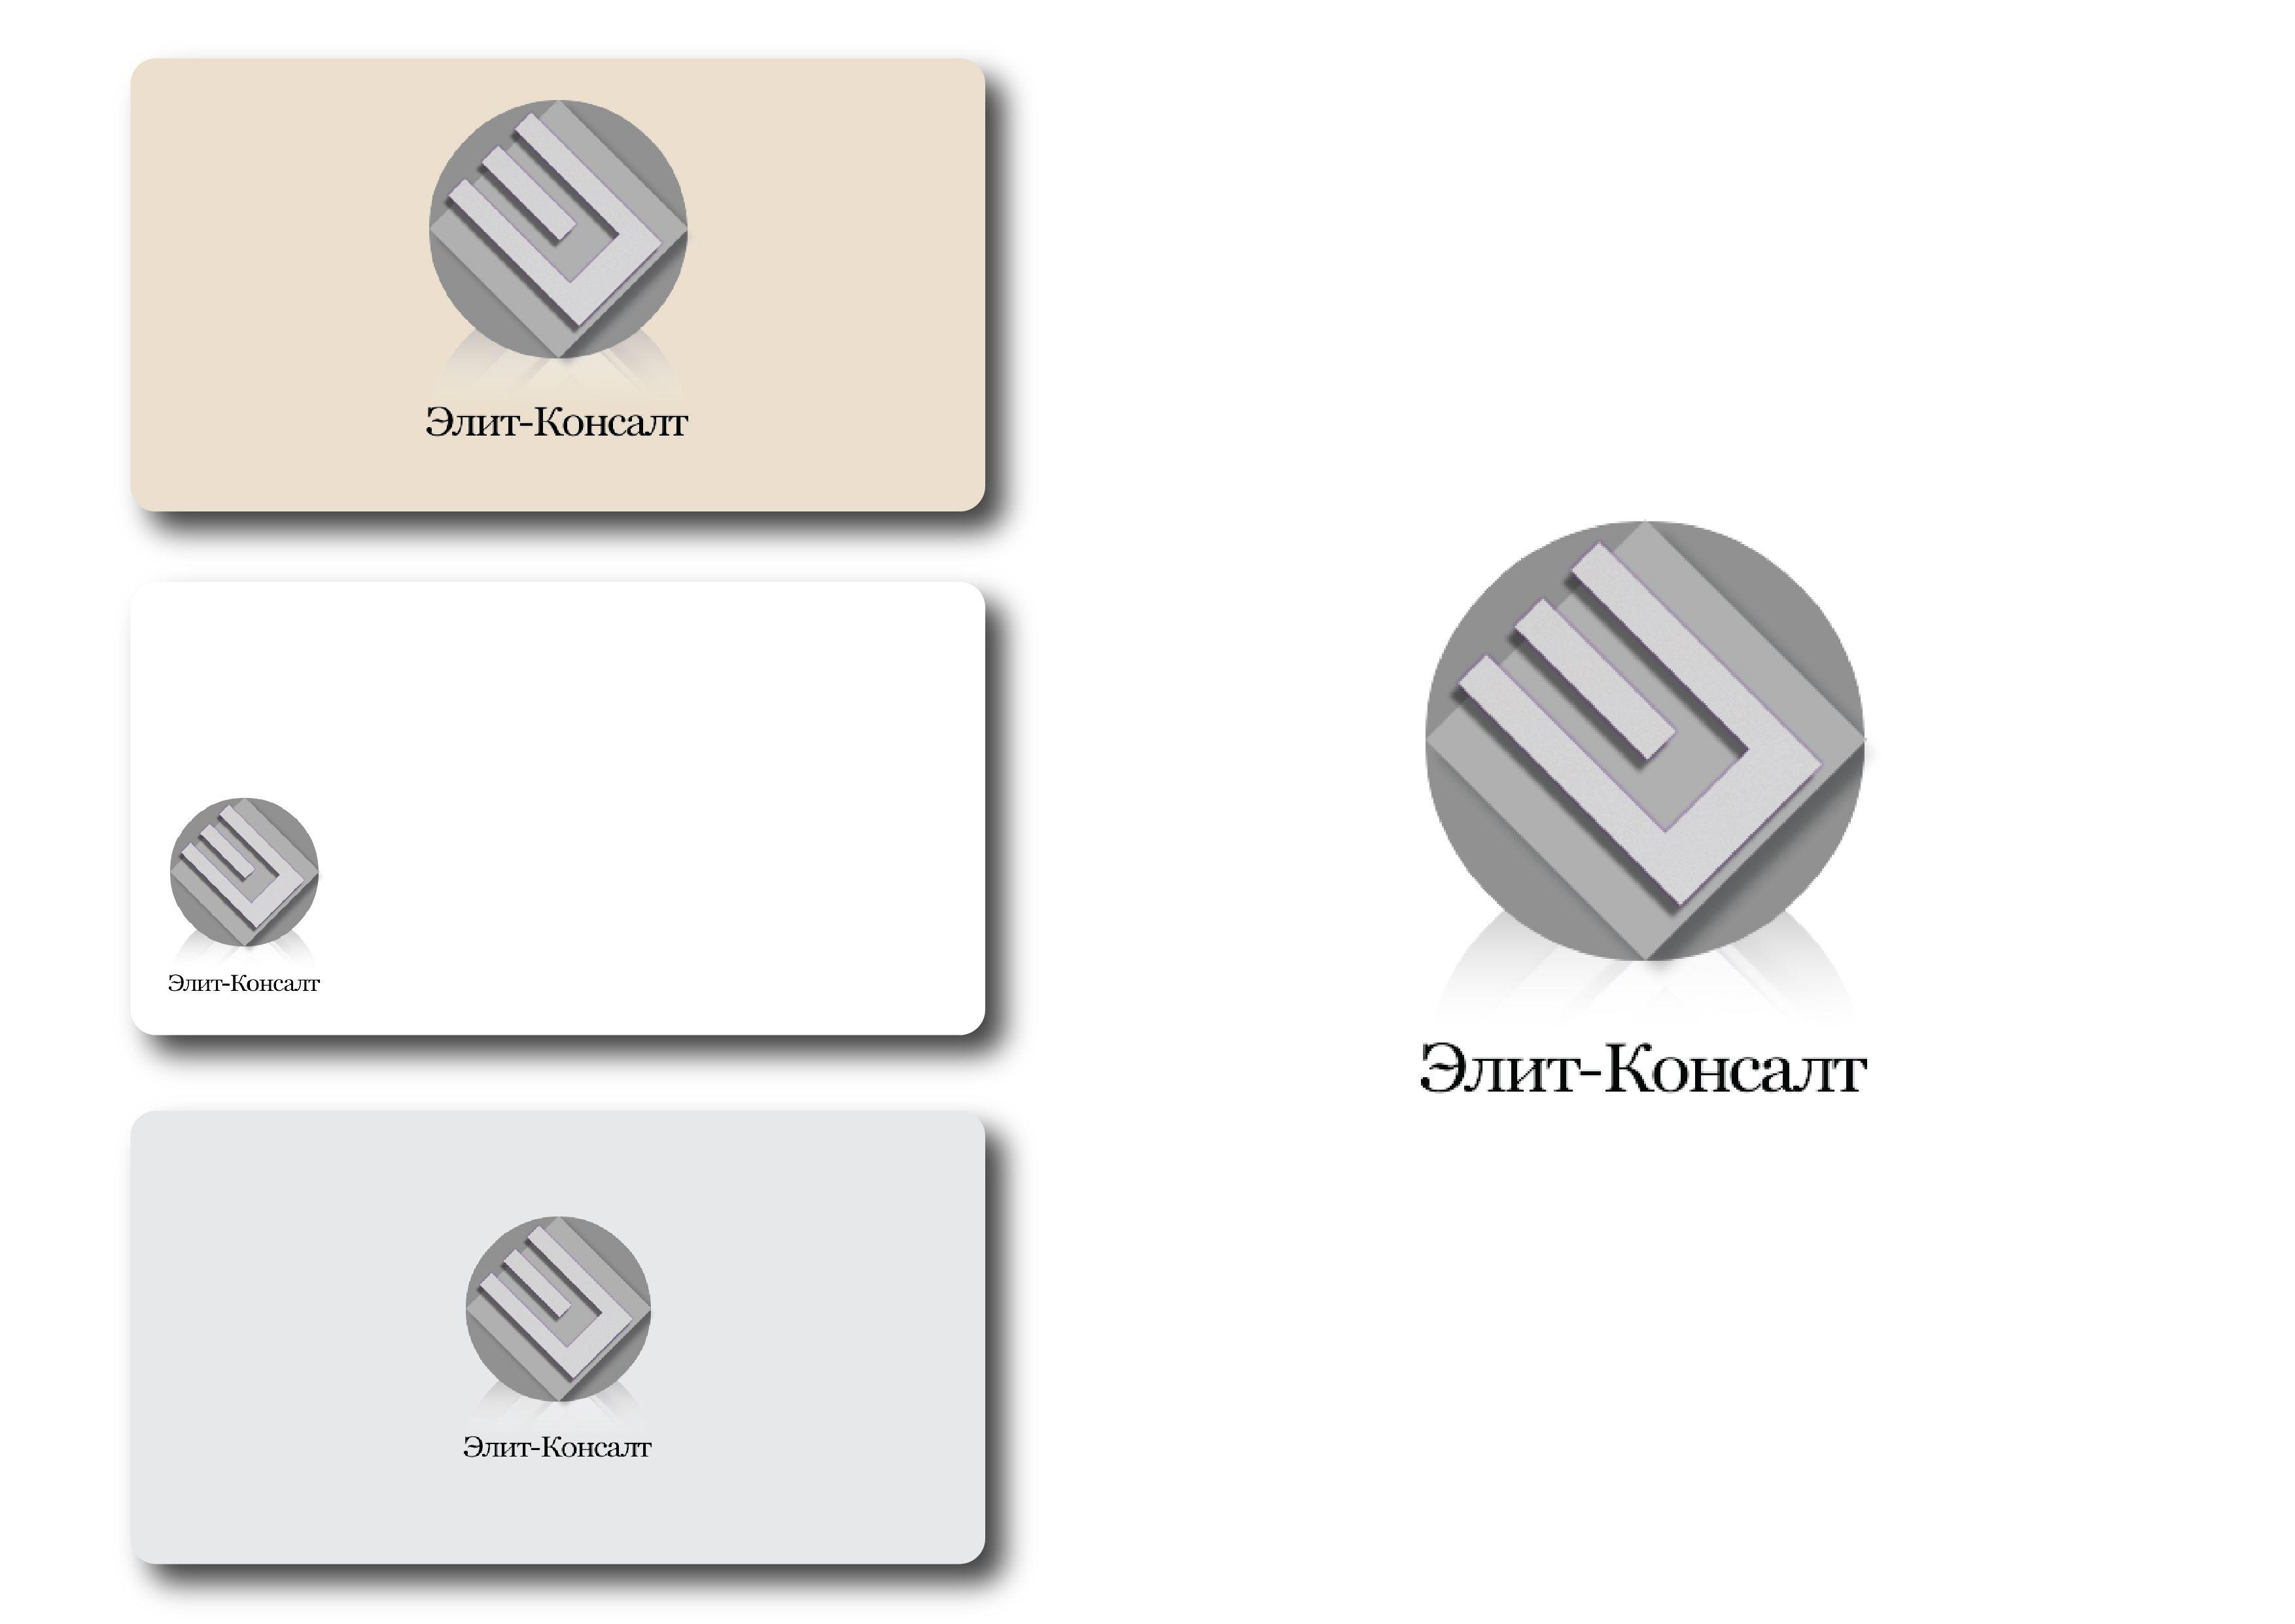 Логотип консалт-компании. Ждем еще предложения! - дизайнер Maria1313